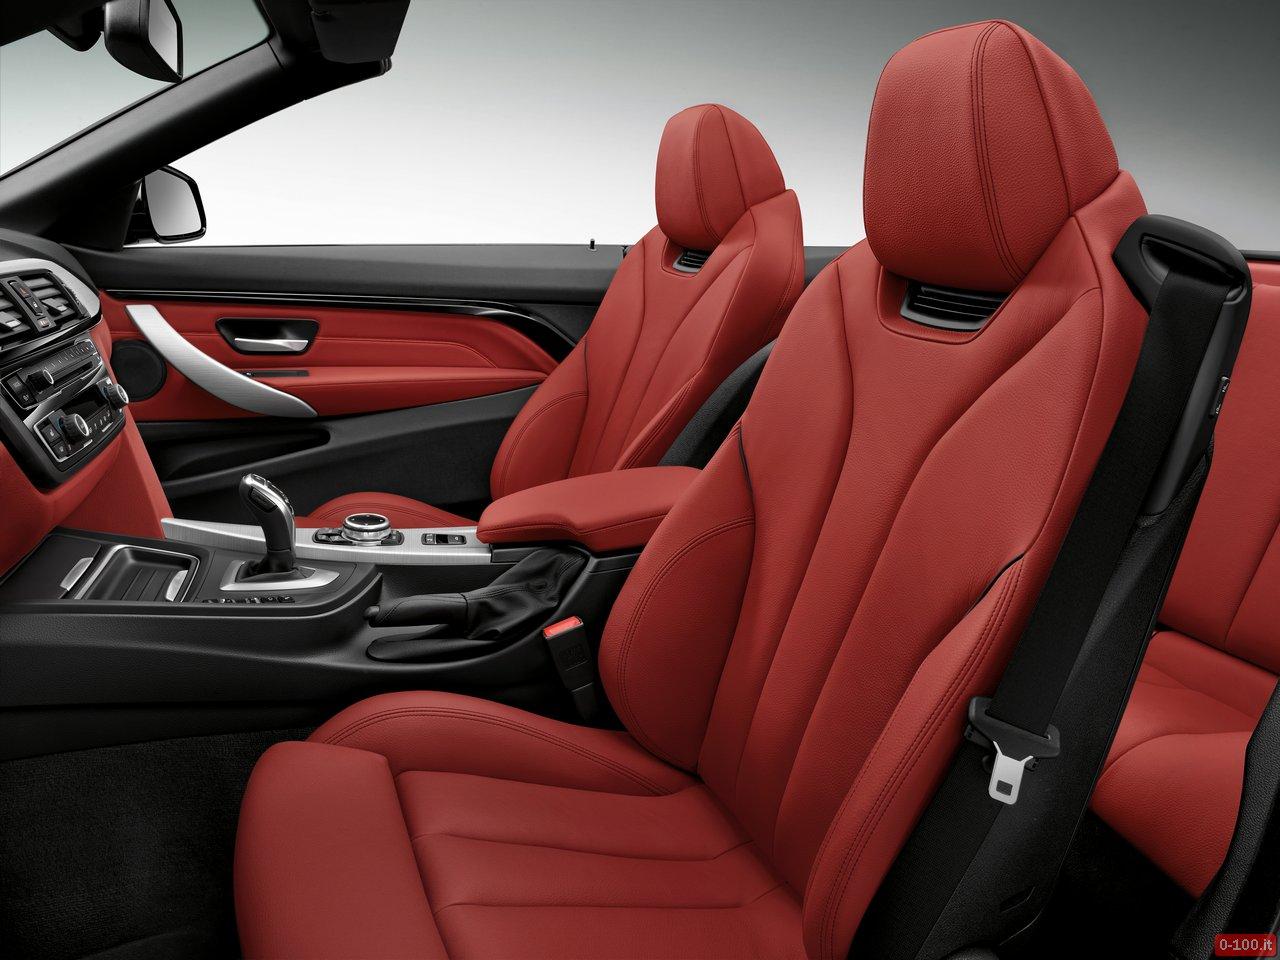 BMW-serie-4-cabrio-420d-428i-435i-cabrio_78